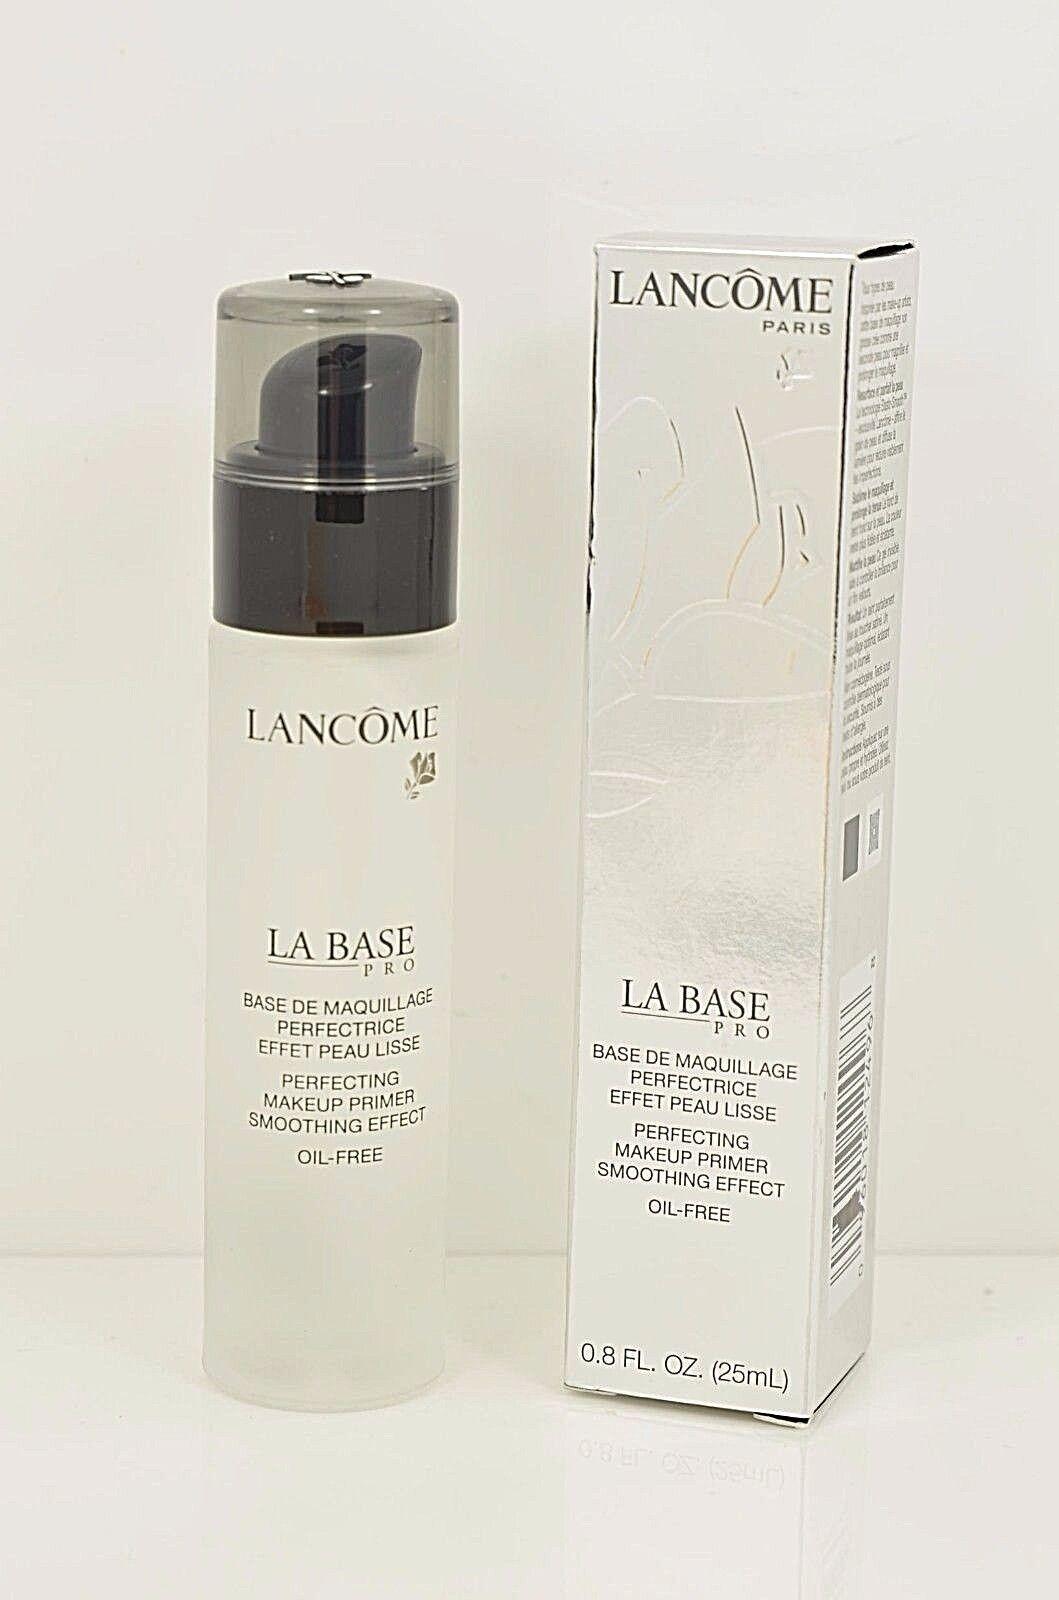 Lancome LA BASE PRO Perfecting Makeup Primer Oil Free Full s